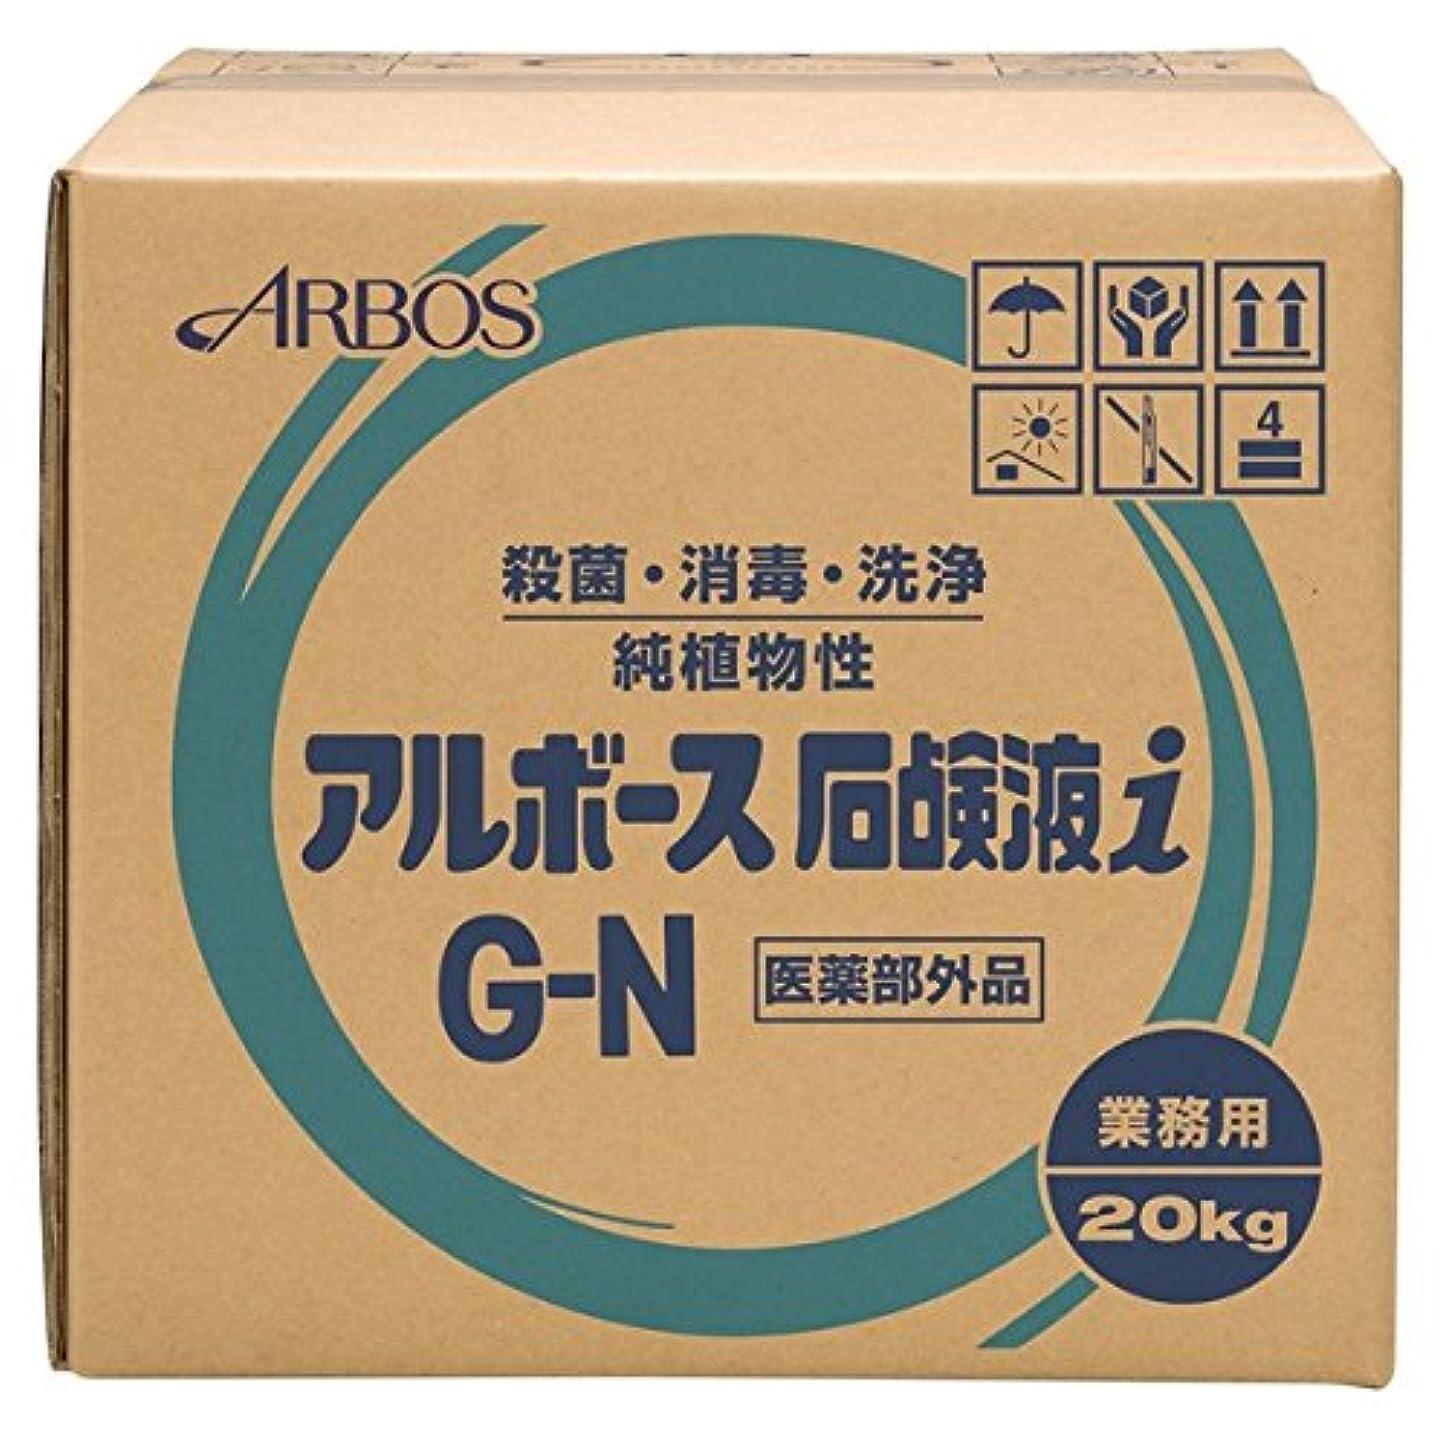 堤防漏れクラシックアルボース 薬用ハンドソープ アルボース石鹸液i G-N 濃縮タイプ 20kg